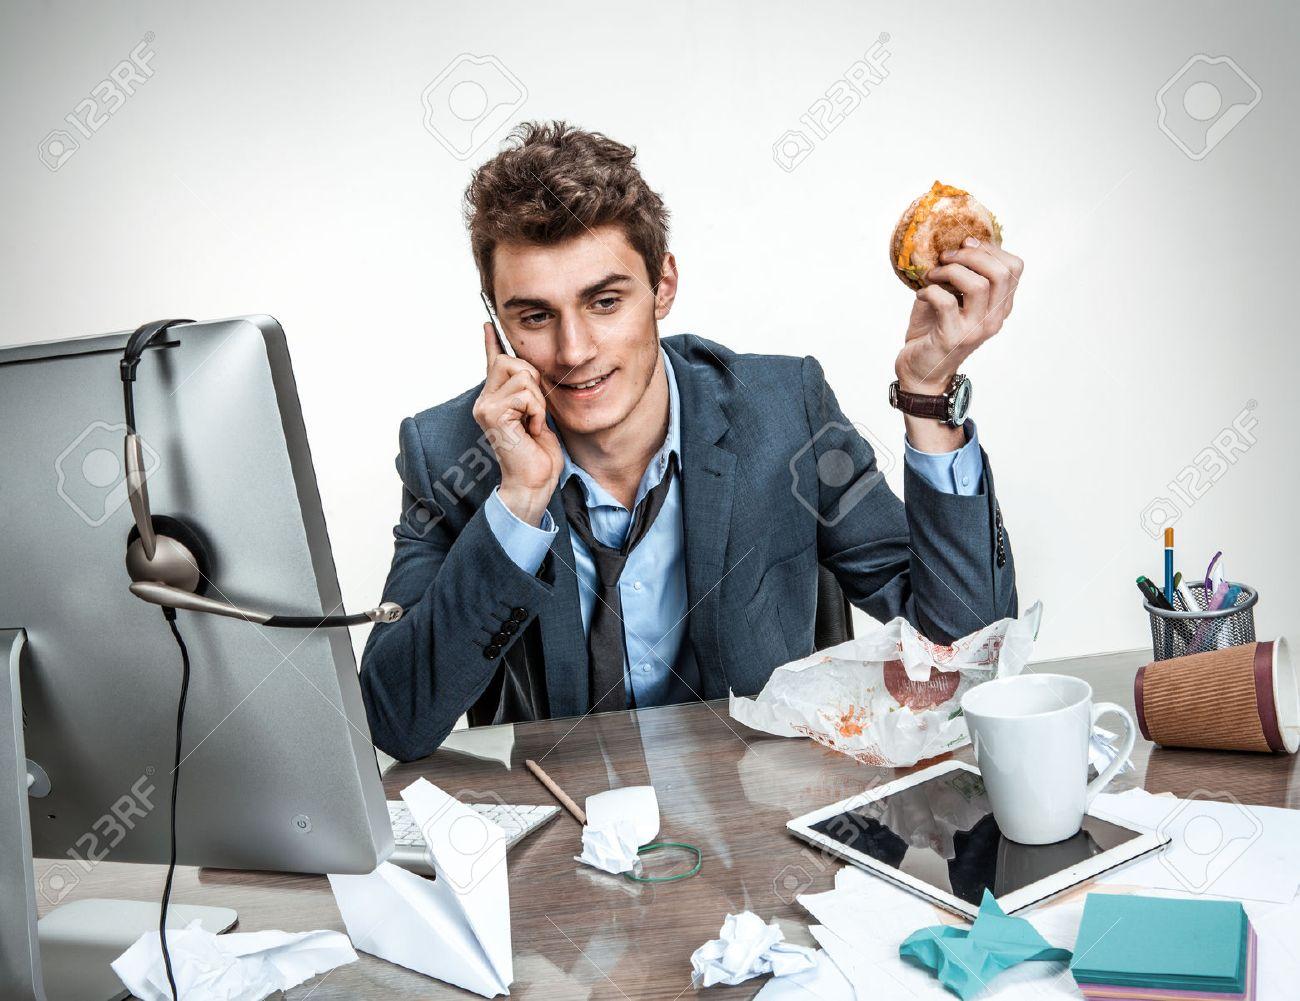 Lhomme moderne de bureau appelant lors de son petit déjeuner au